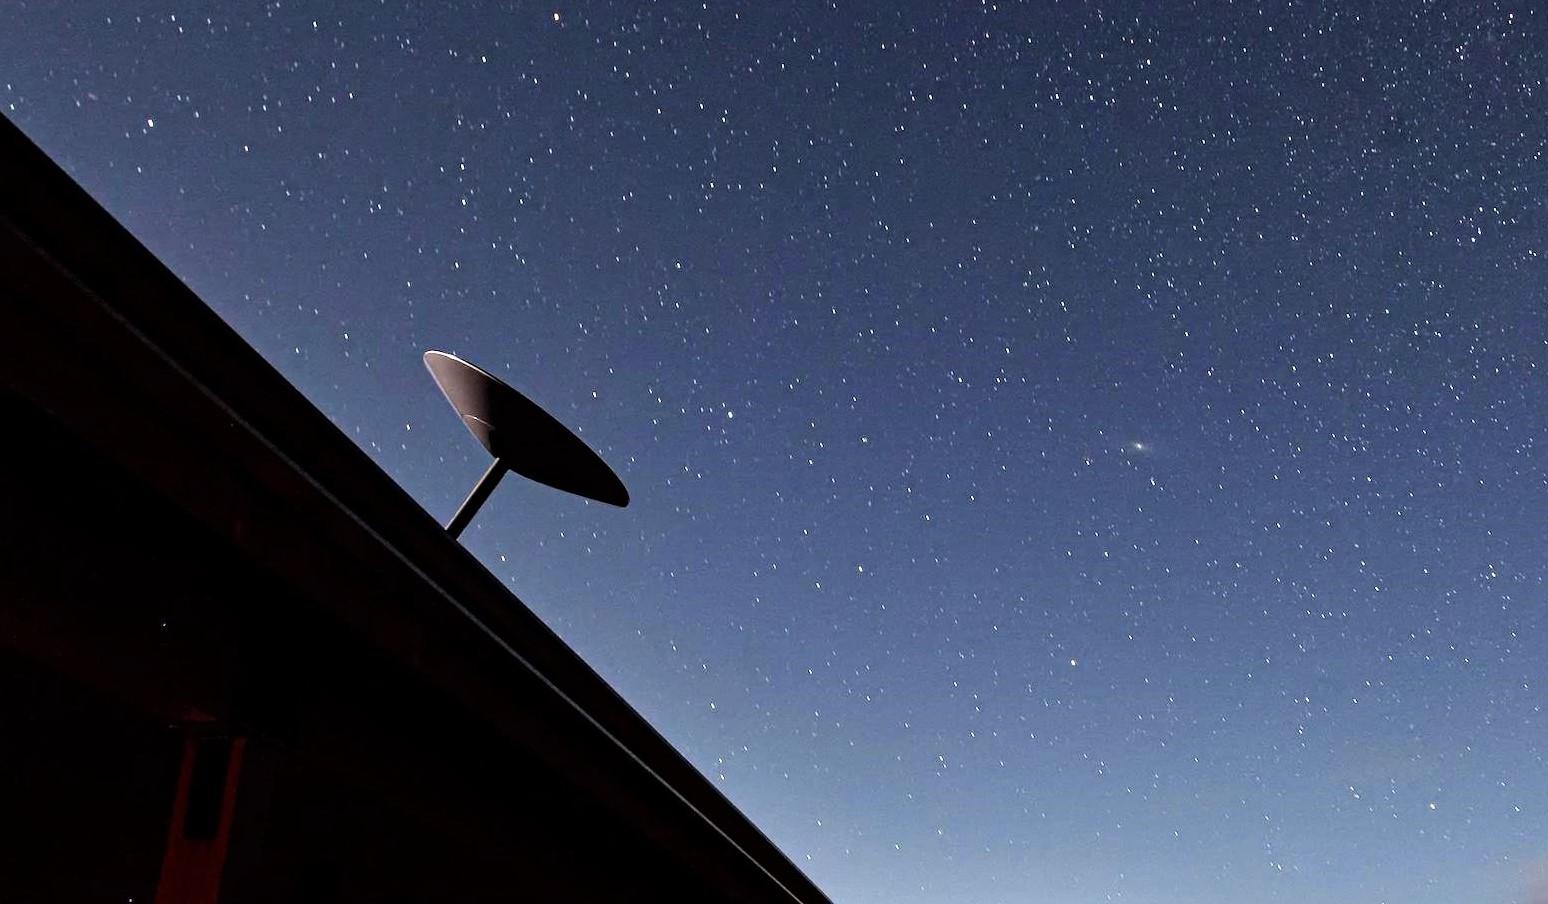 Starlink Илона Маска противостоит группам интернет-провайдеров из-за проблем со скоростью интернета